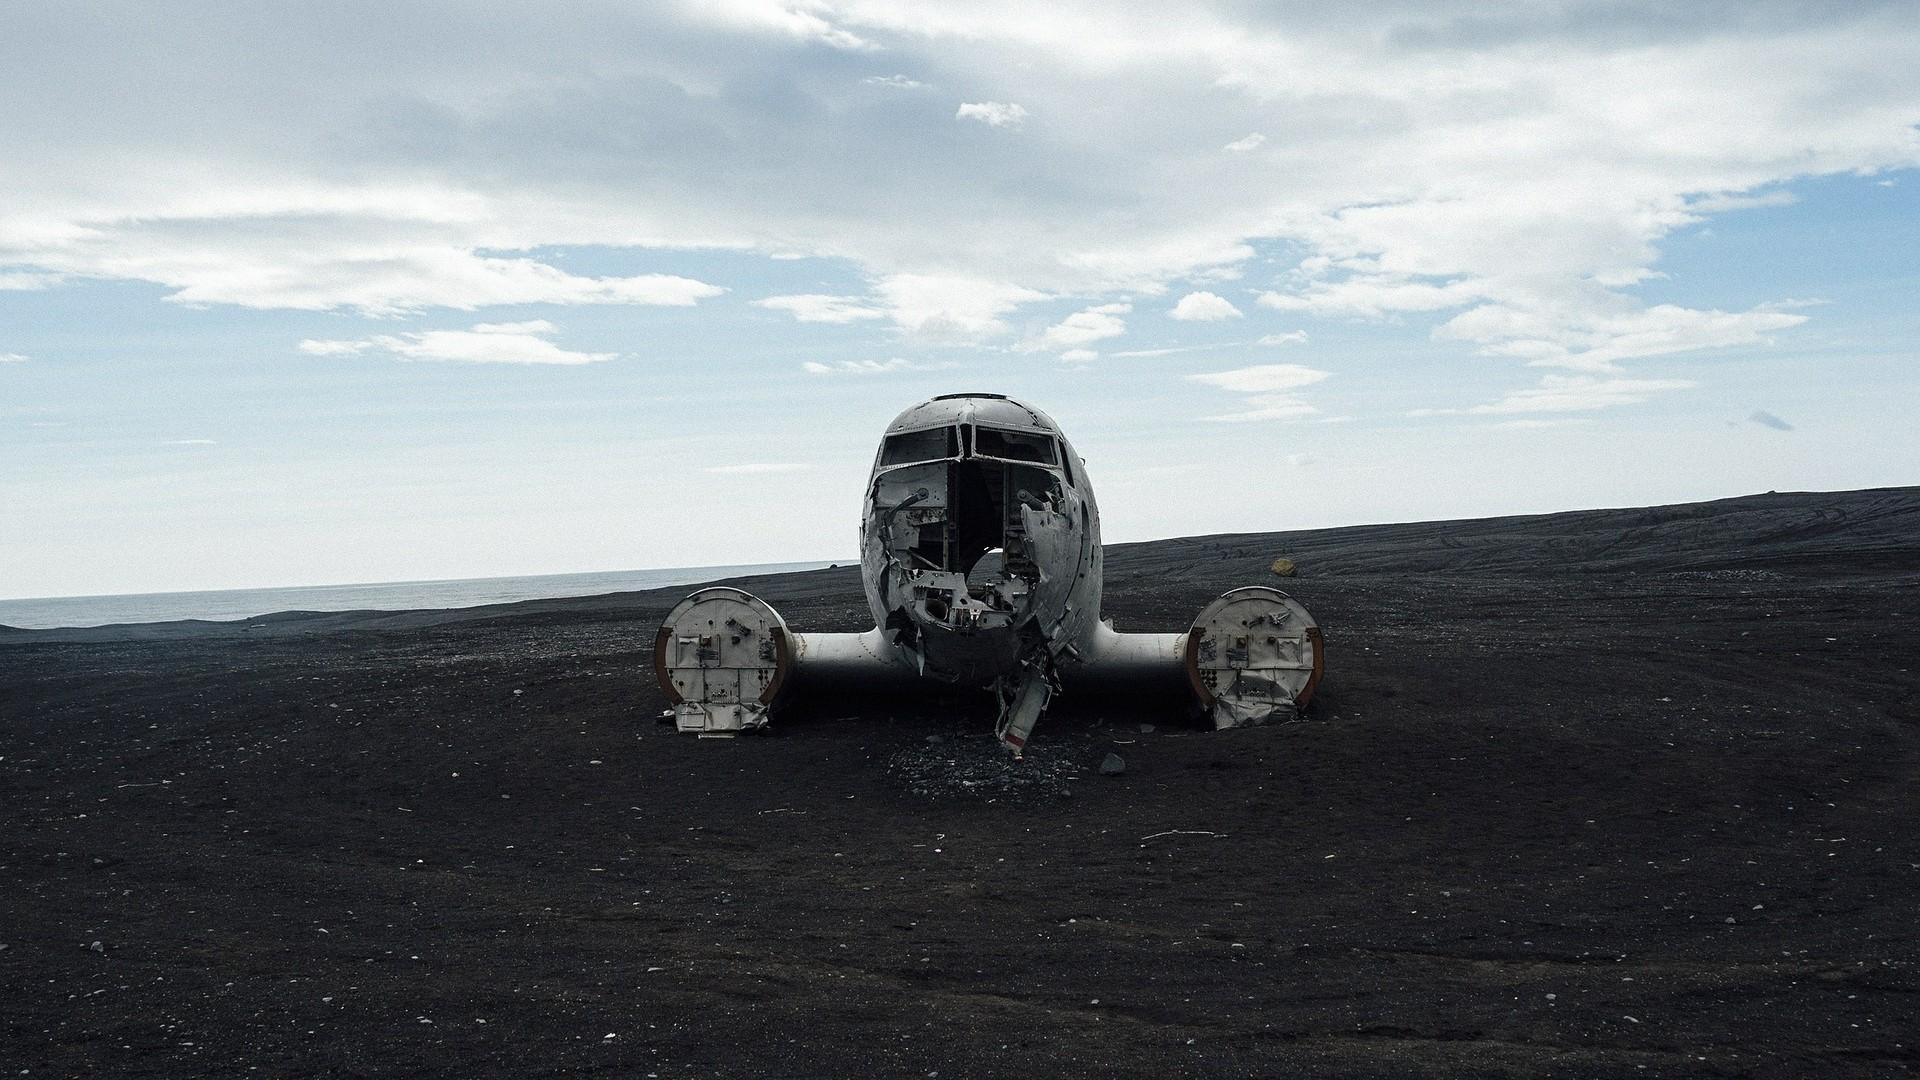 ▲空難,飛機。(圖/取自免費圖庫Pixabay)